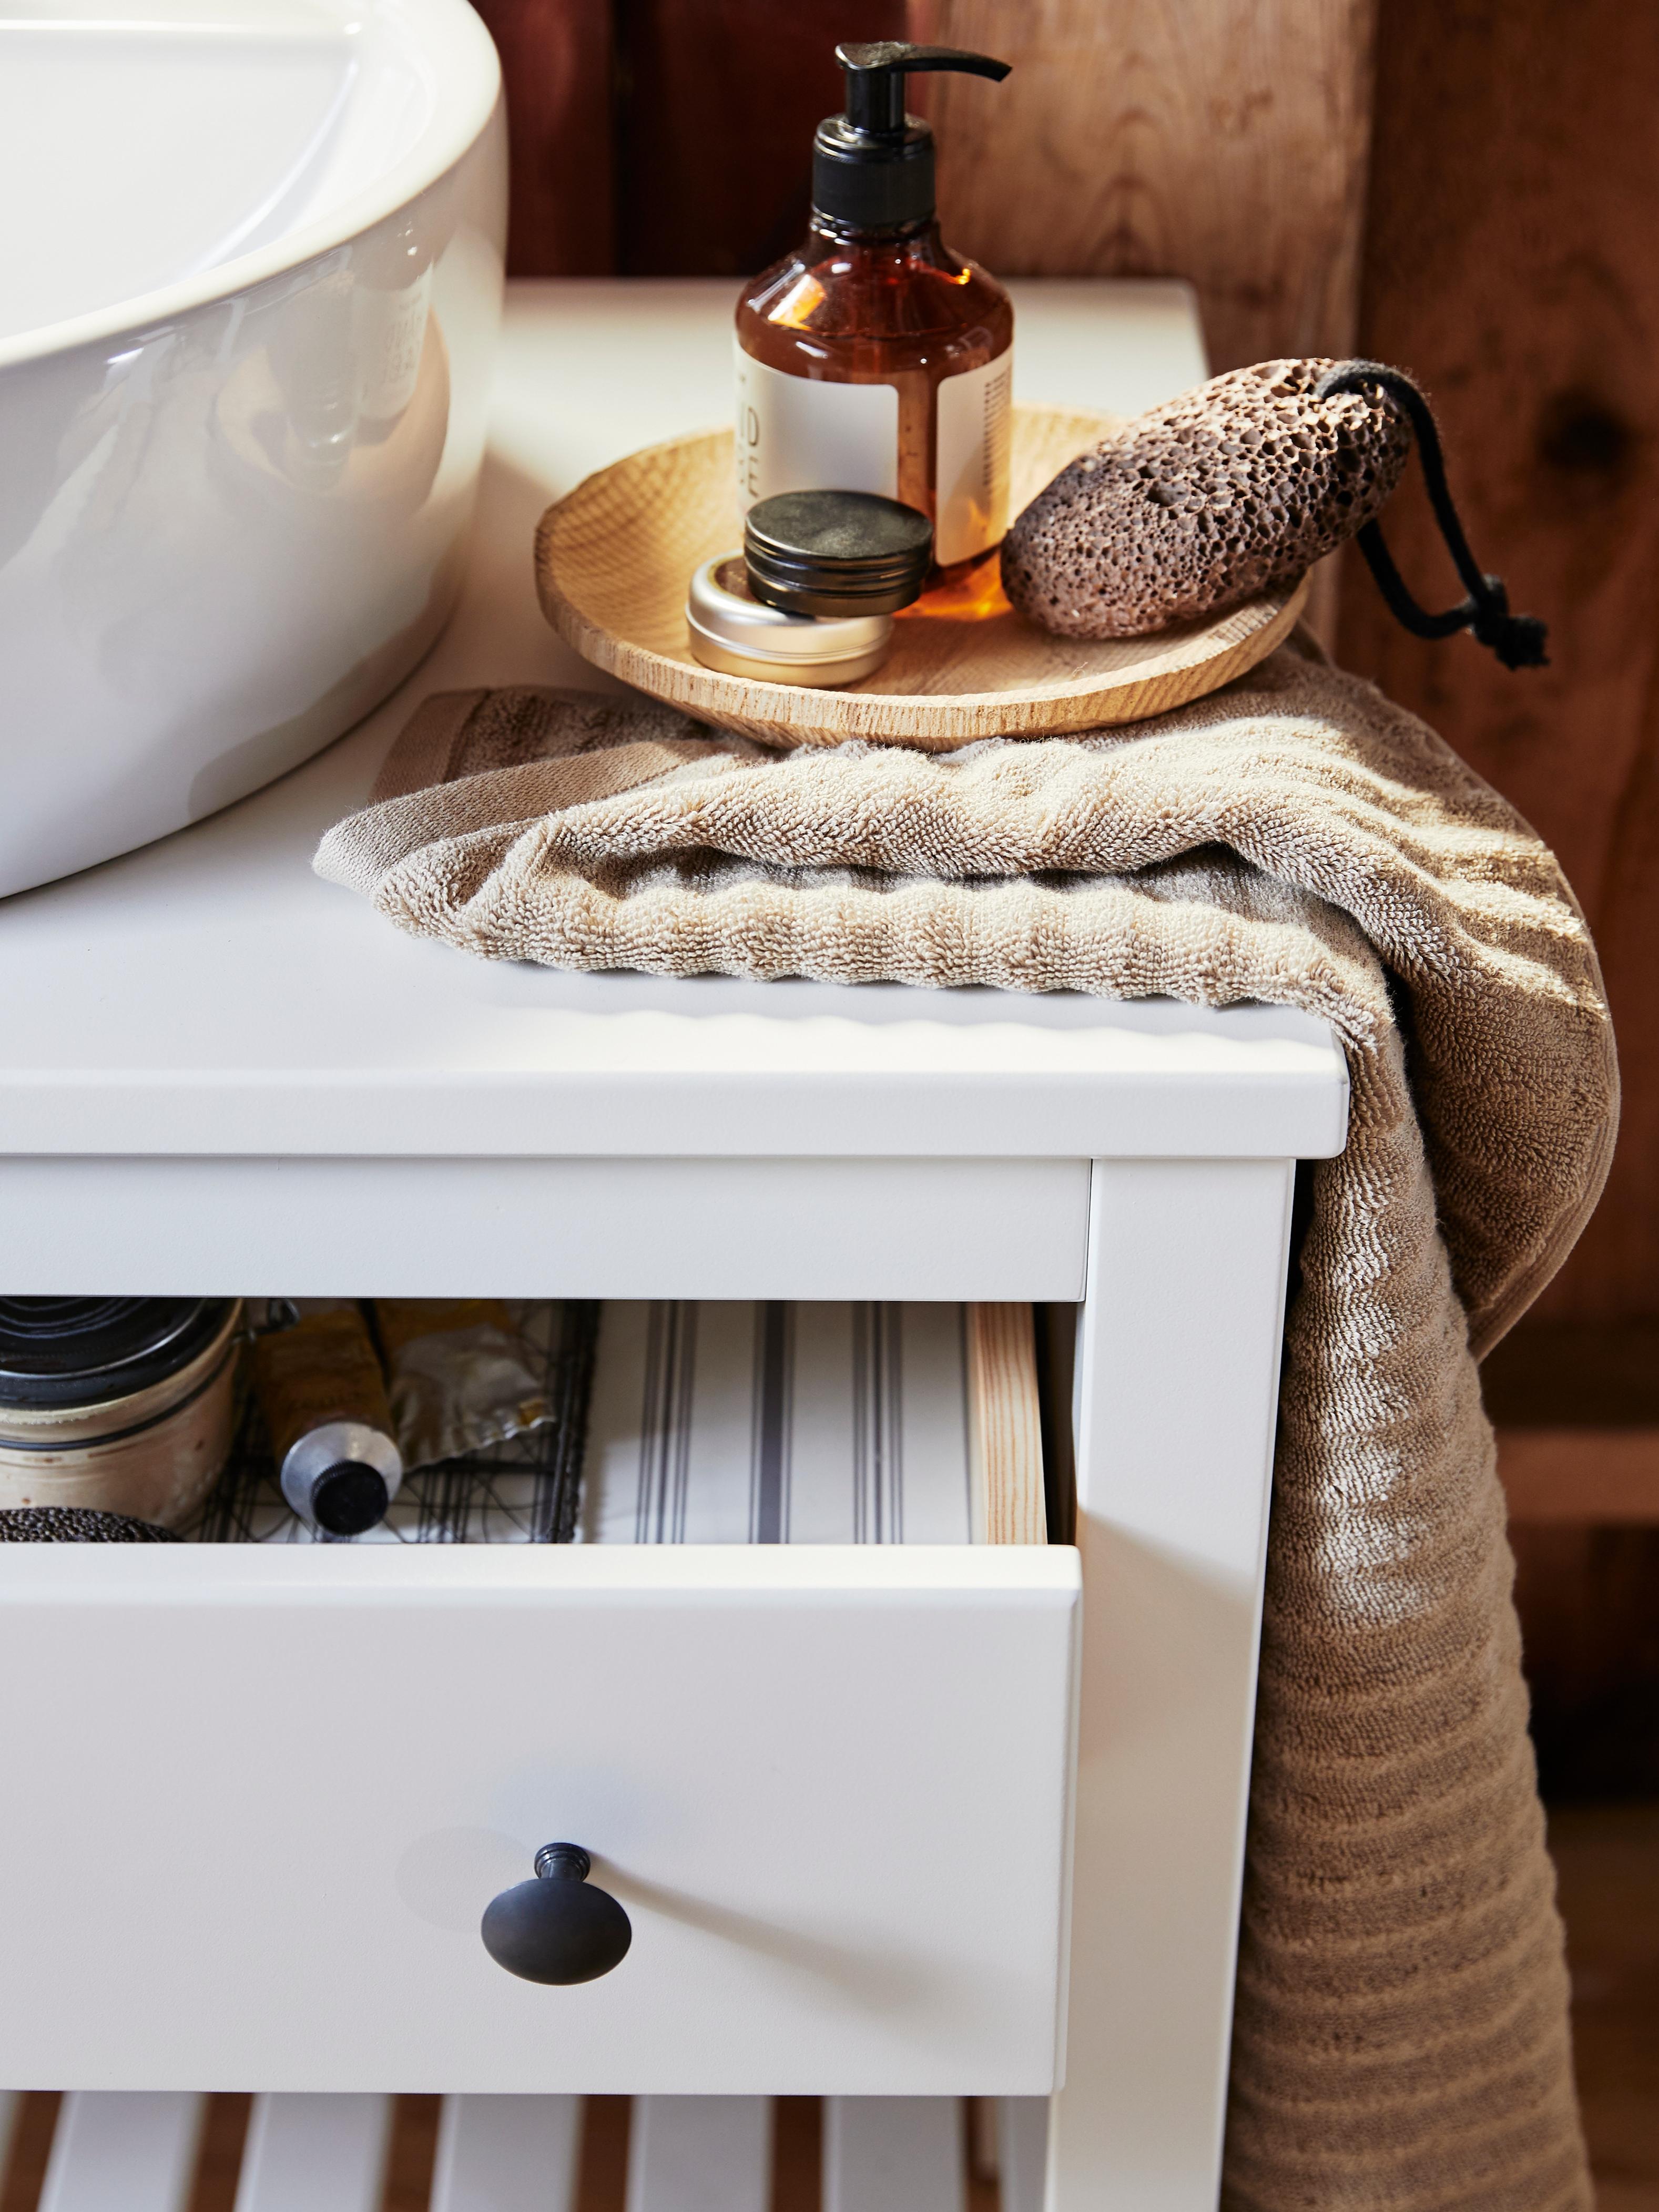 Bijeli HEMNES/TÖRNVIKEN otvoreni element s umivaonikom od 45 cm, prikazuje ručnik na vrhu i otvorenu ladicu s kvakom.